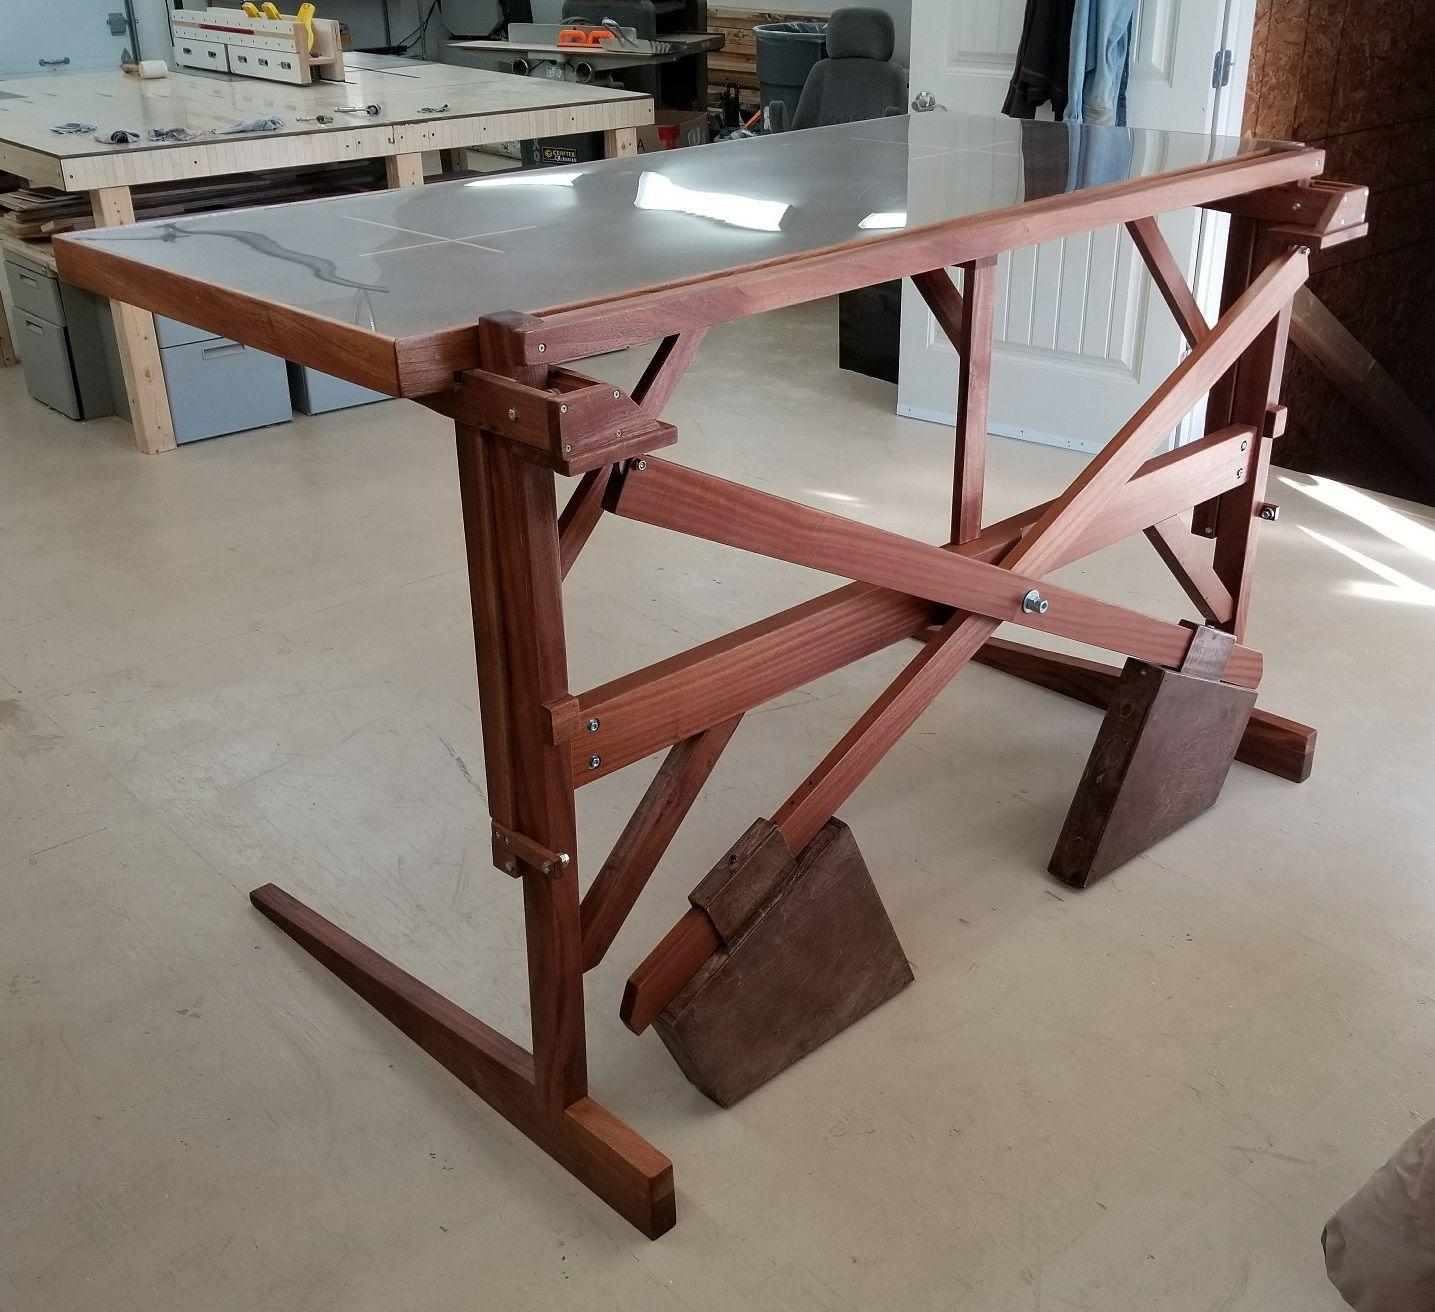 Mechanical Lumber Wooden Motion Diy Standing Desk Adjustable